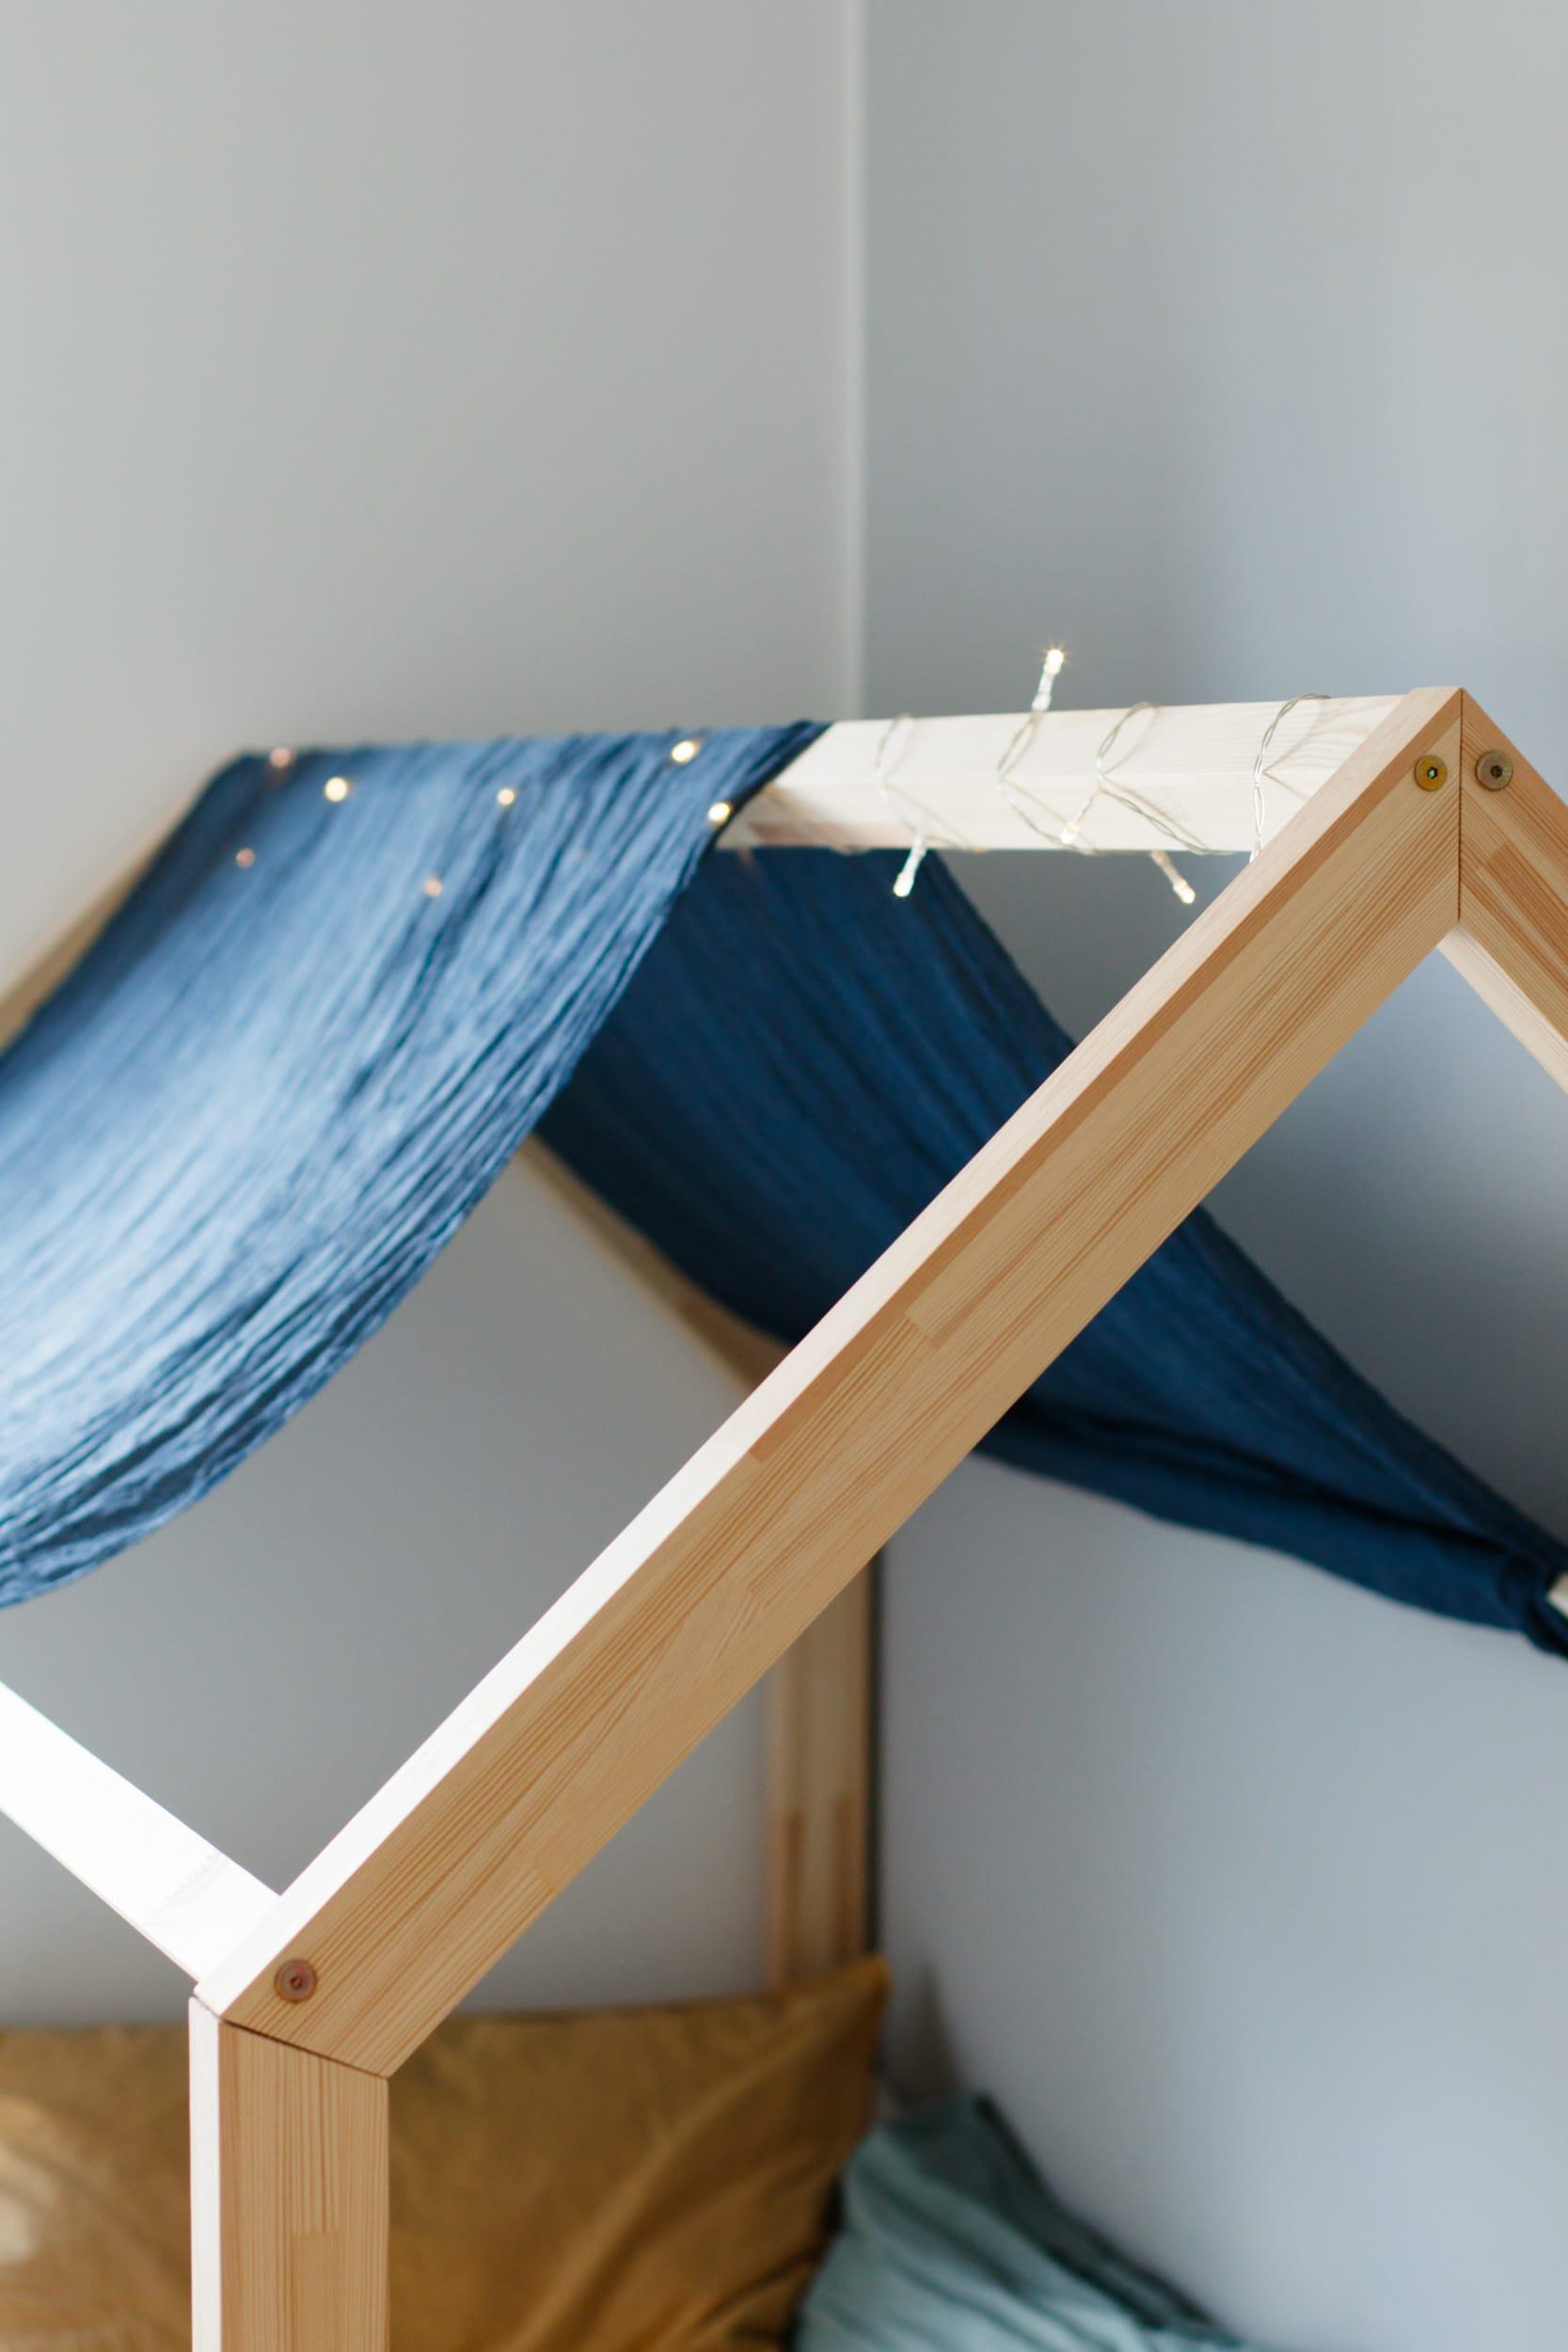 Full Size of Hausbett Fr Floor Bed Nach Maria Montessori Küche Selbst Zusammenstellen Rausfallschutz Bett Wohnzimmer Rausfallschutz Selbst Gemacht